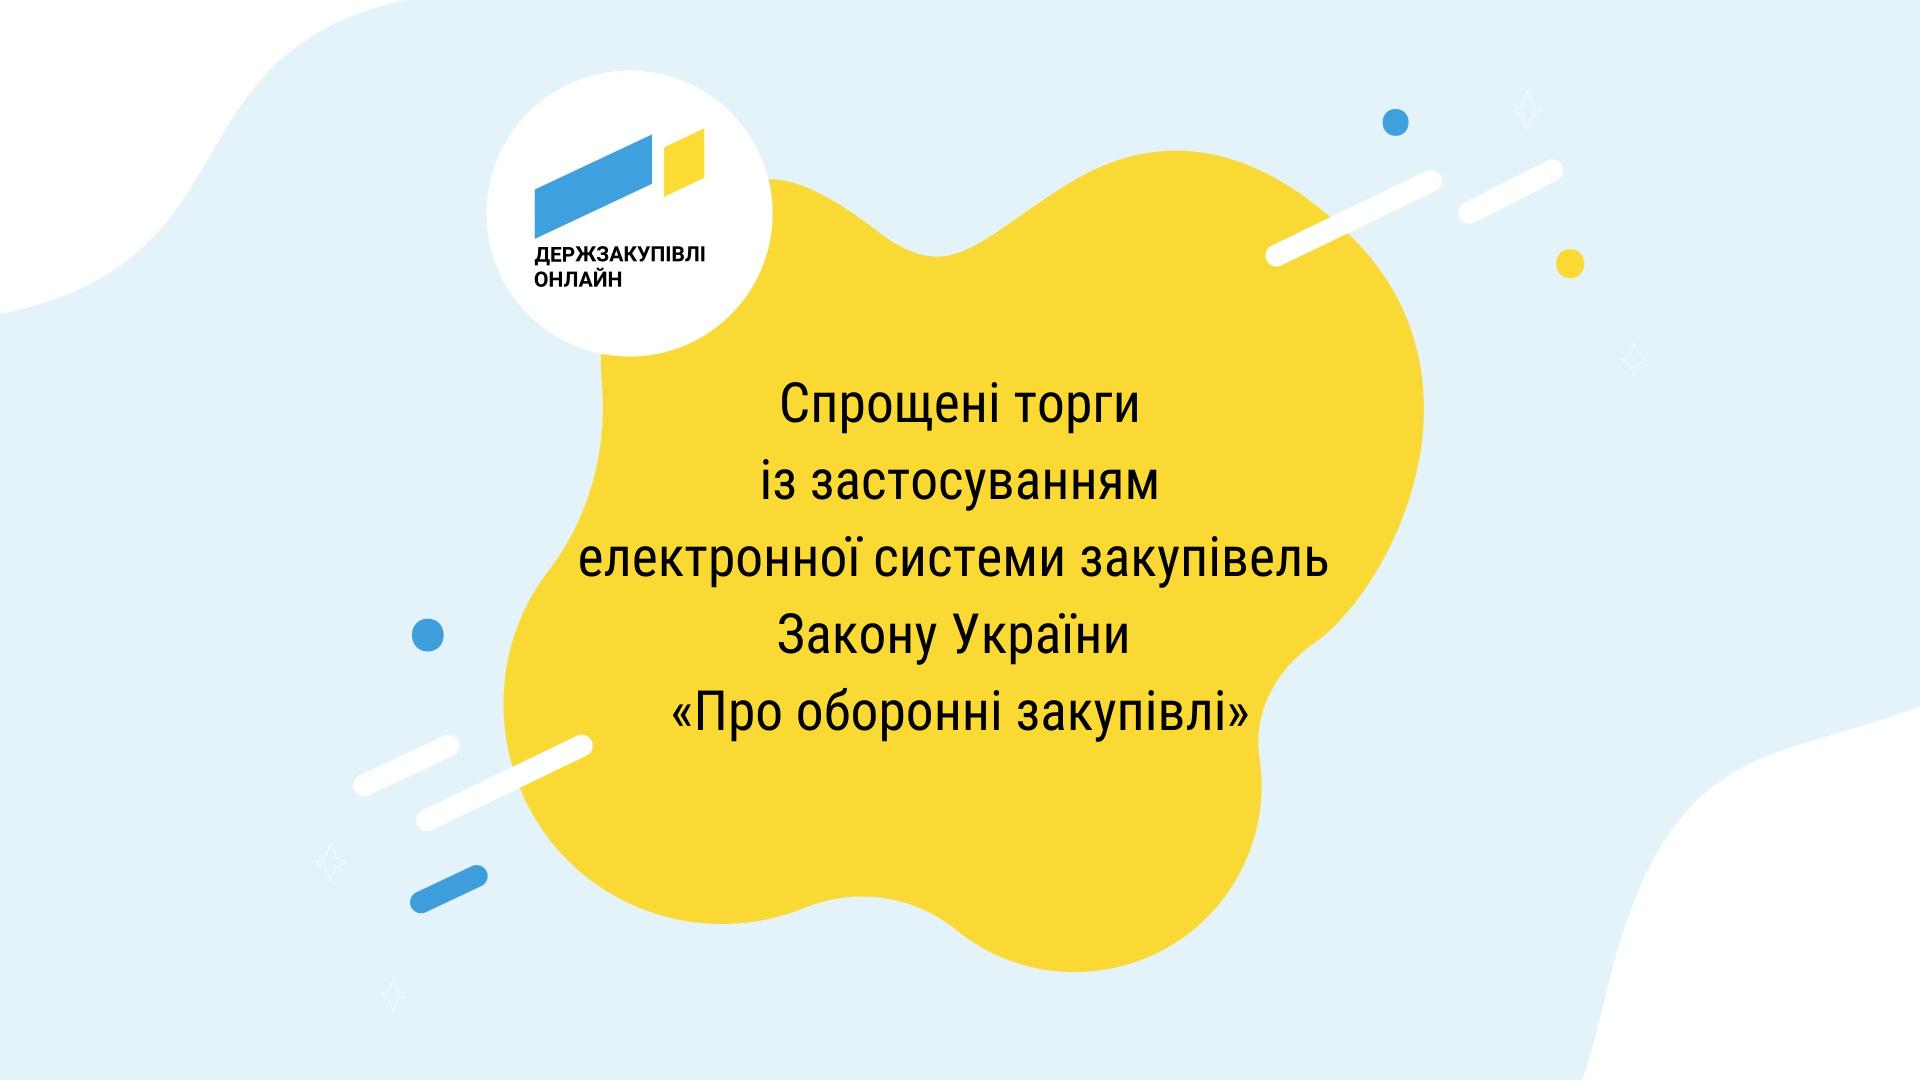 Спрощені торги із застосуванням електронної системи закупівель Закону України «Про оборонні закупівлі»